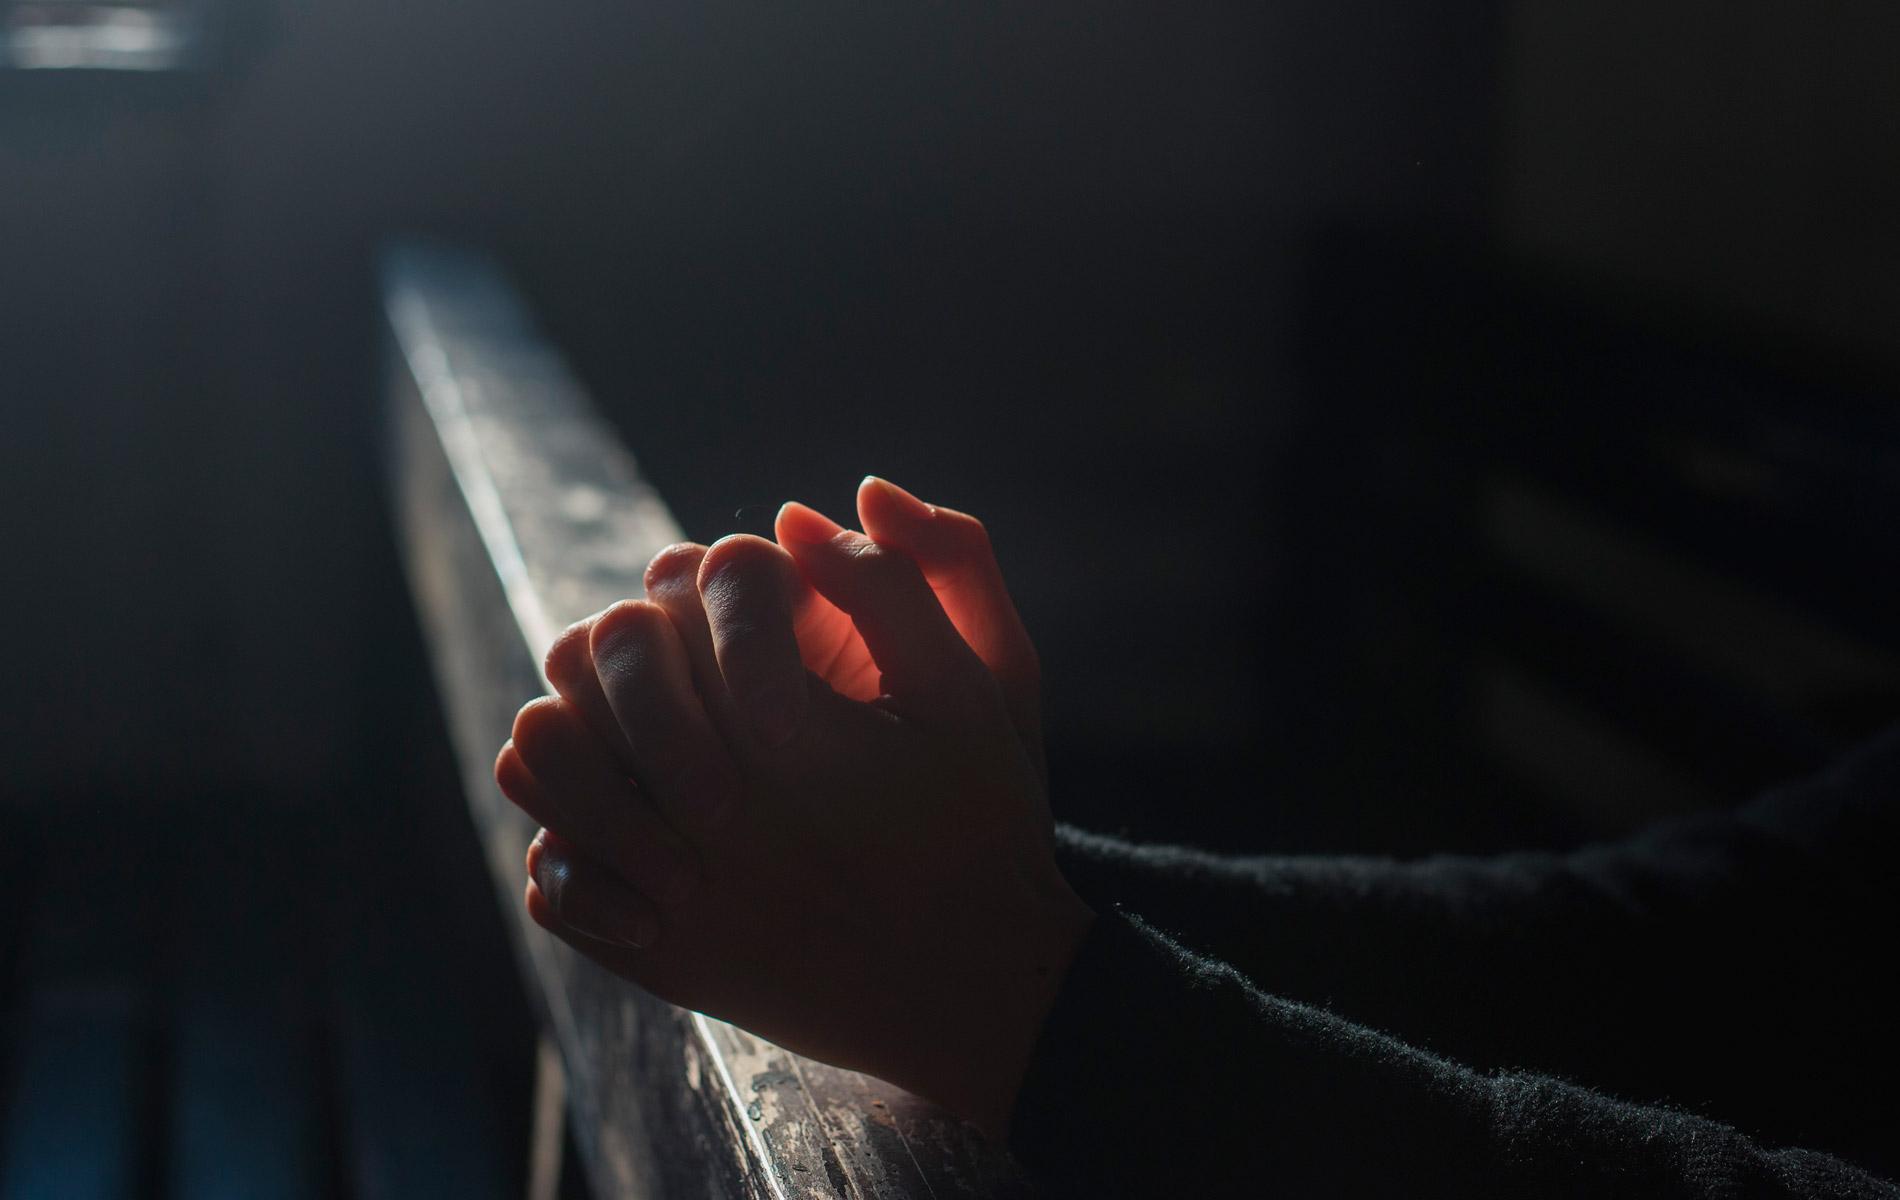 ACN - Notícias - A ACN em oração frente à pandemia do novo coronavírus